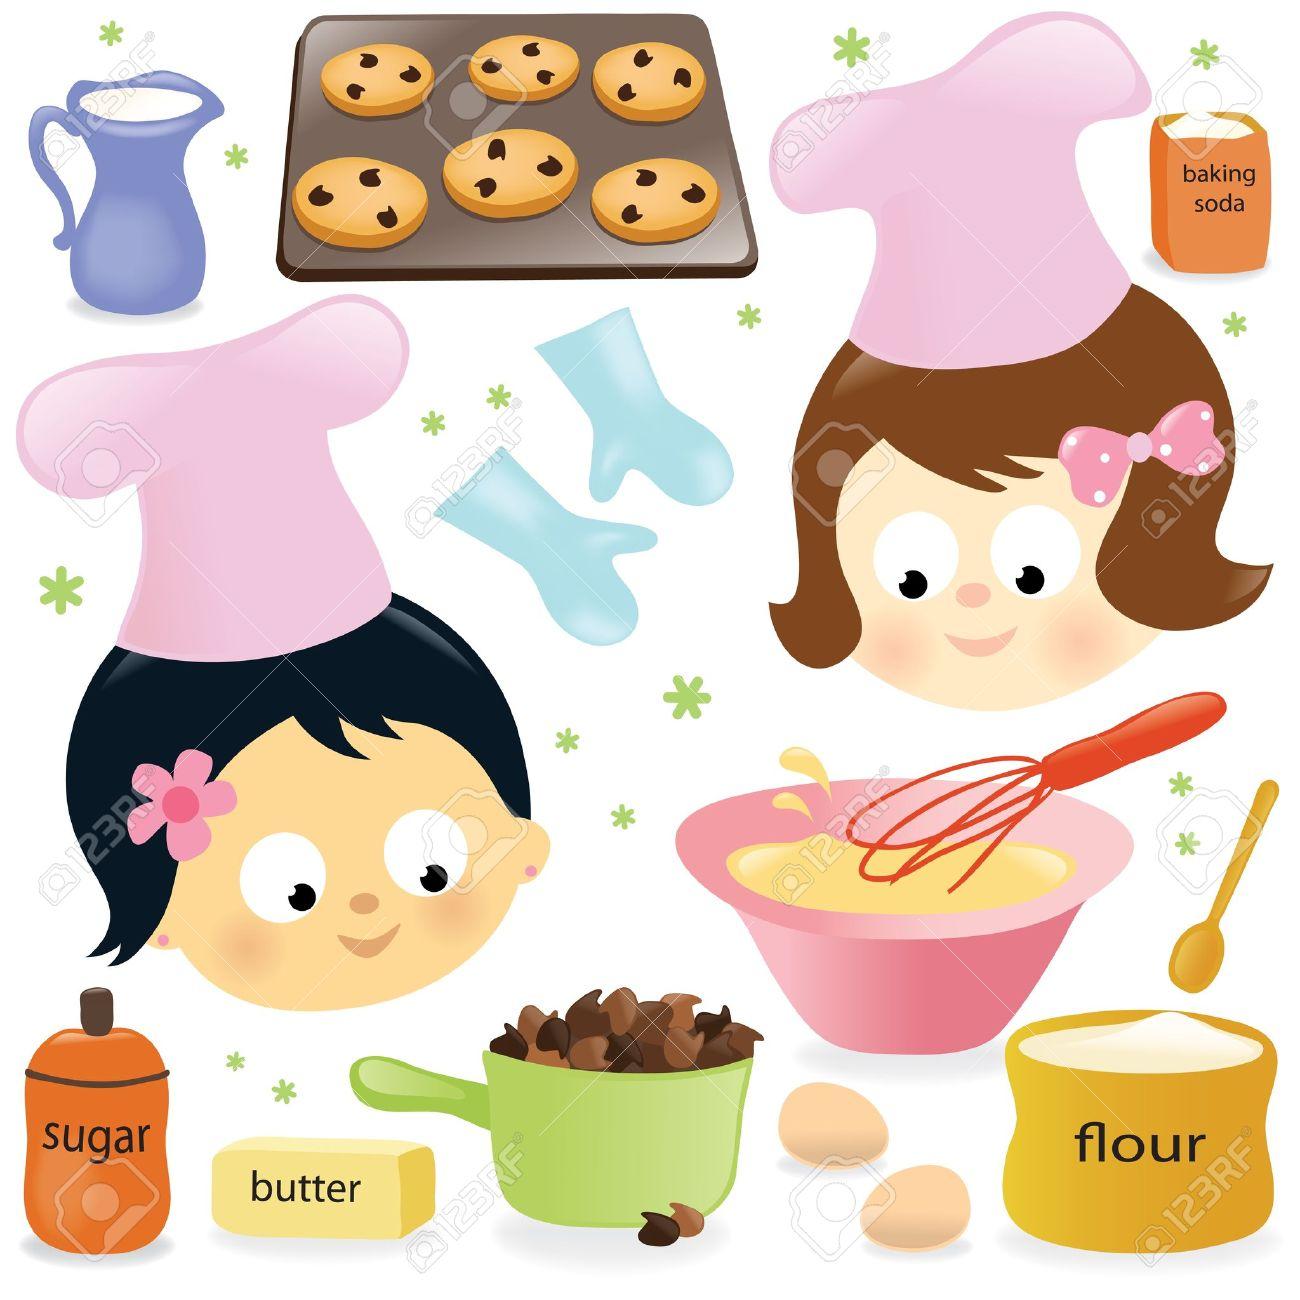 Girl Baking Cookies Clipart.